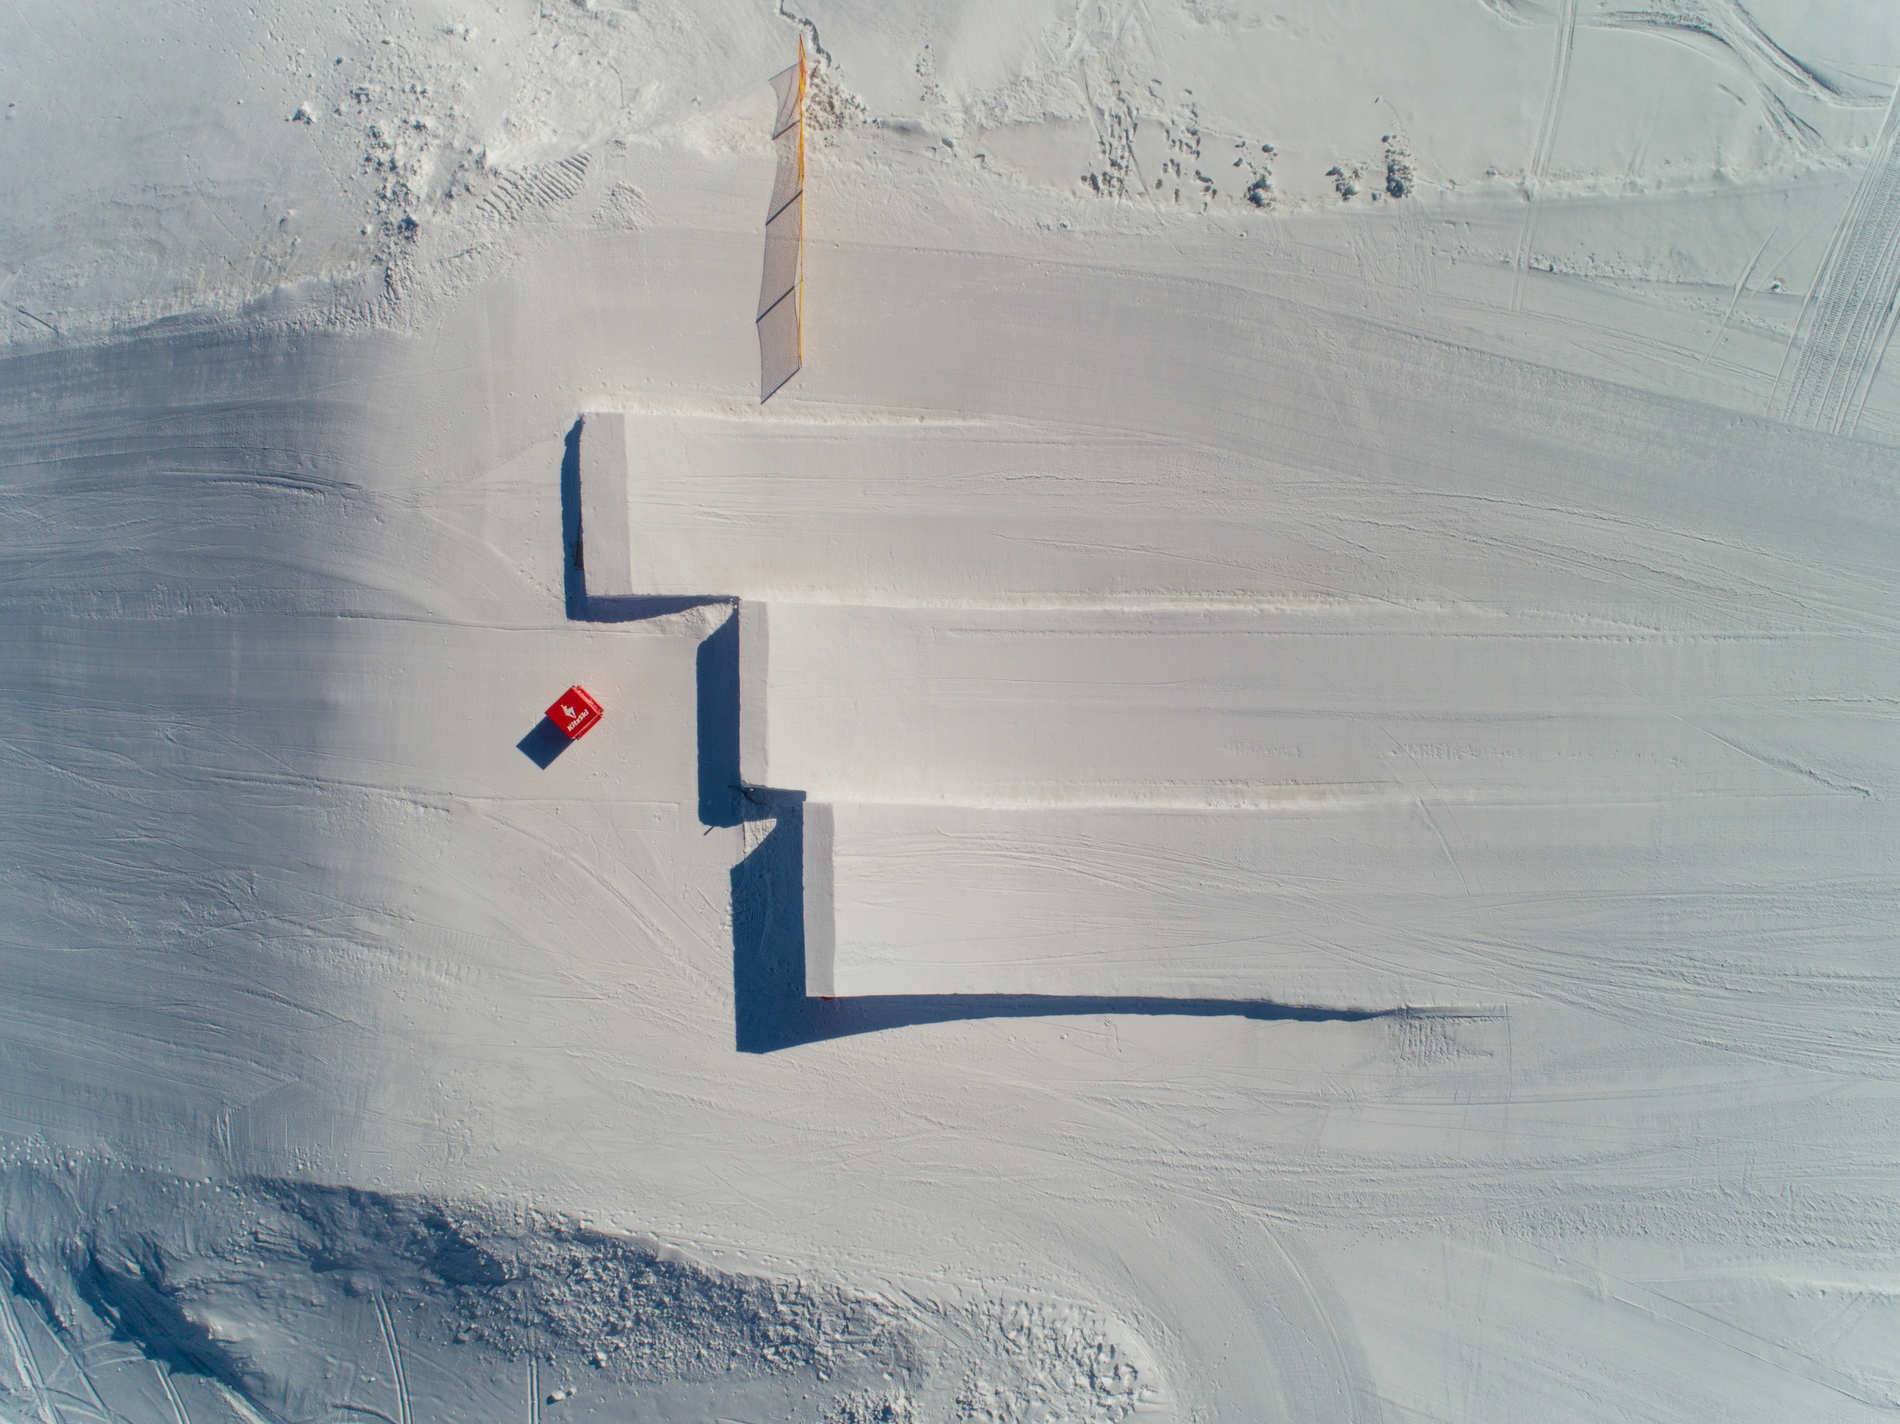 aerials snowpark kitzbuehel michi rudolf 8